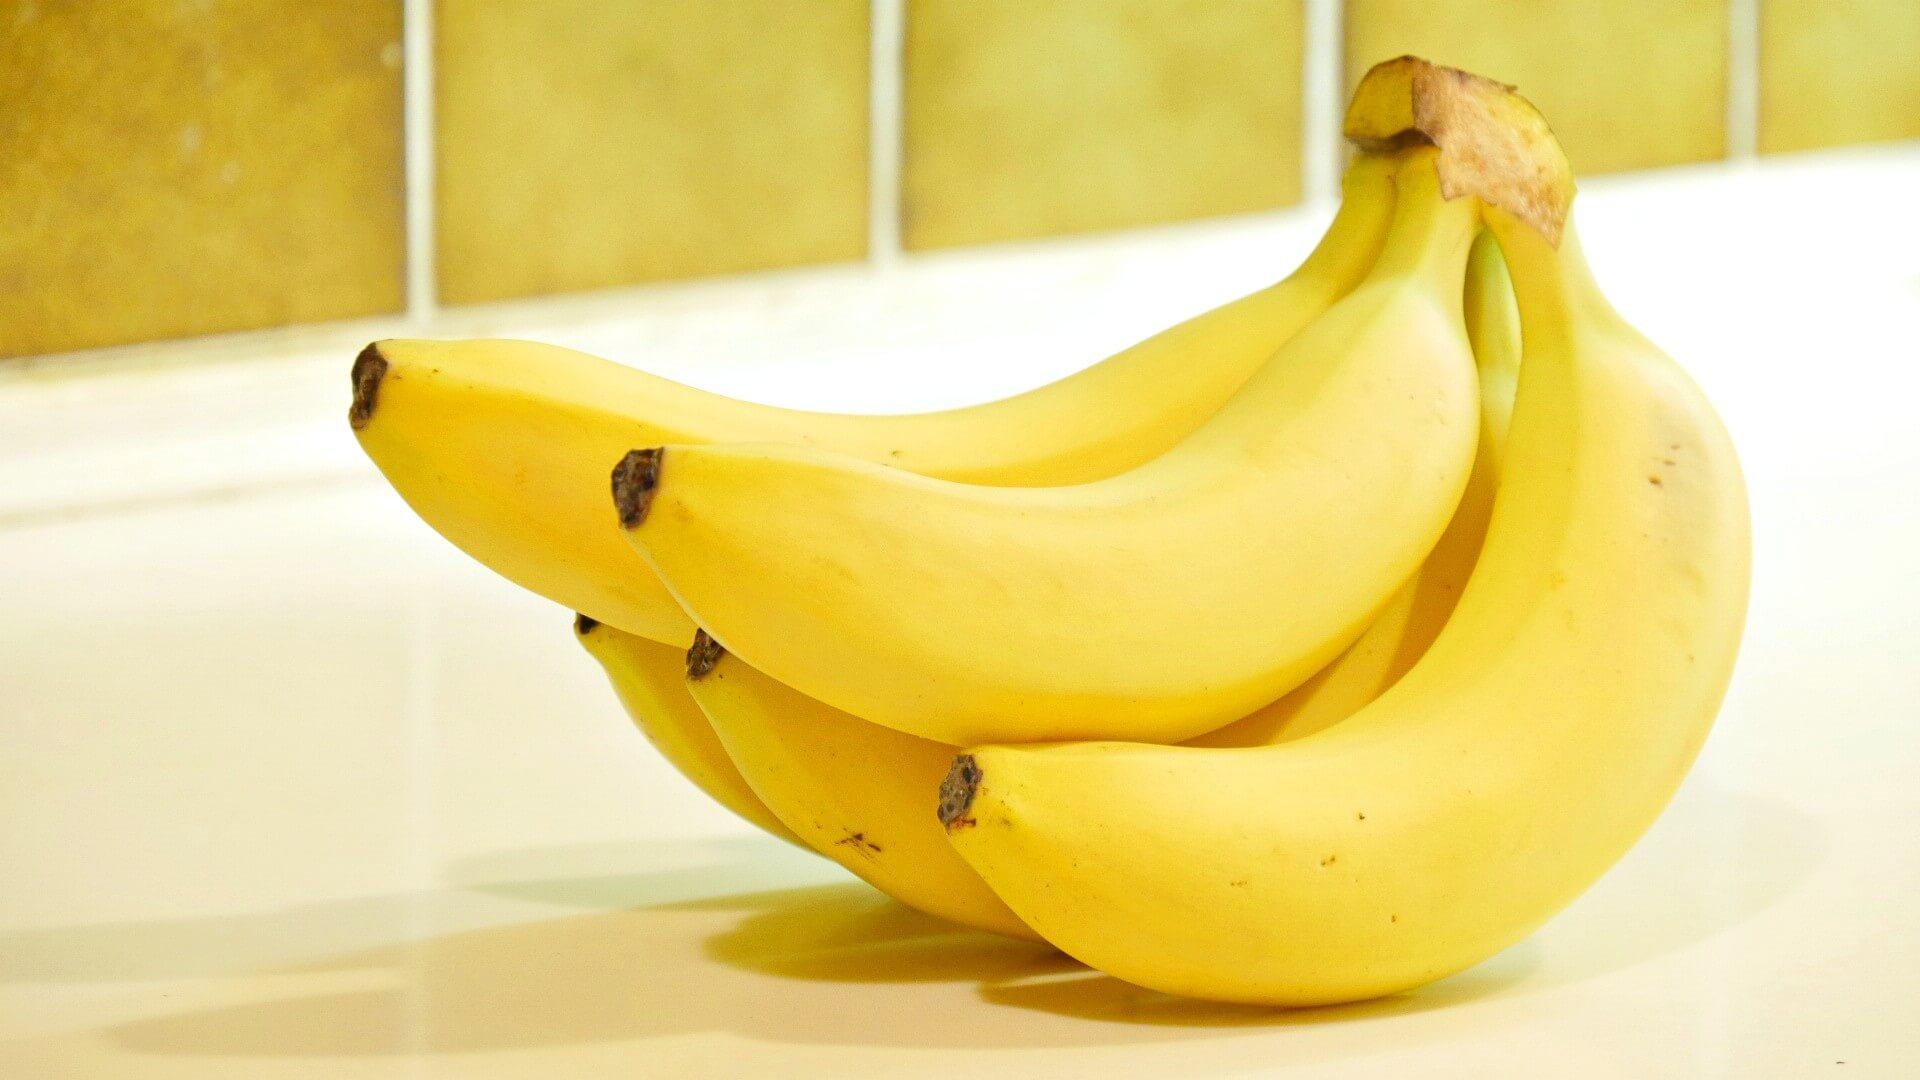 きれいな房付きのバナナ